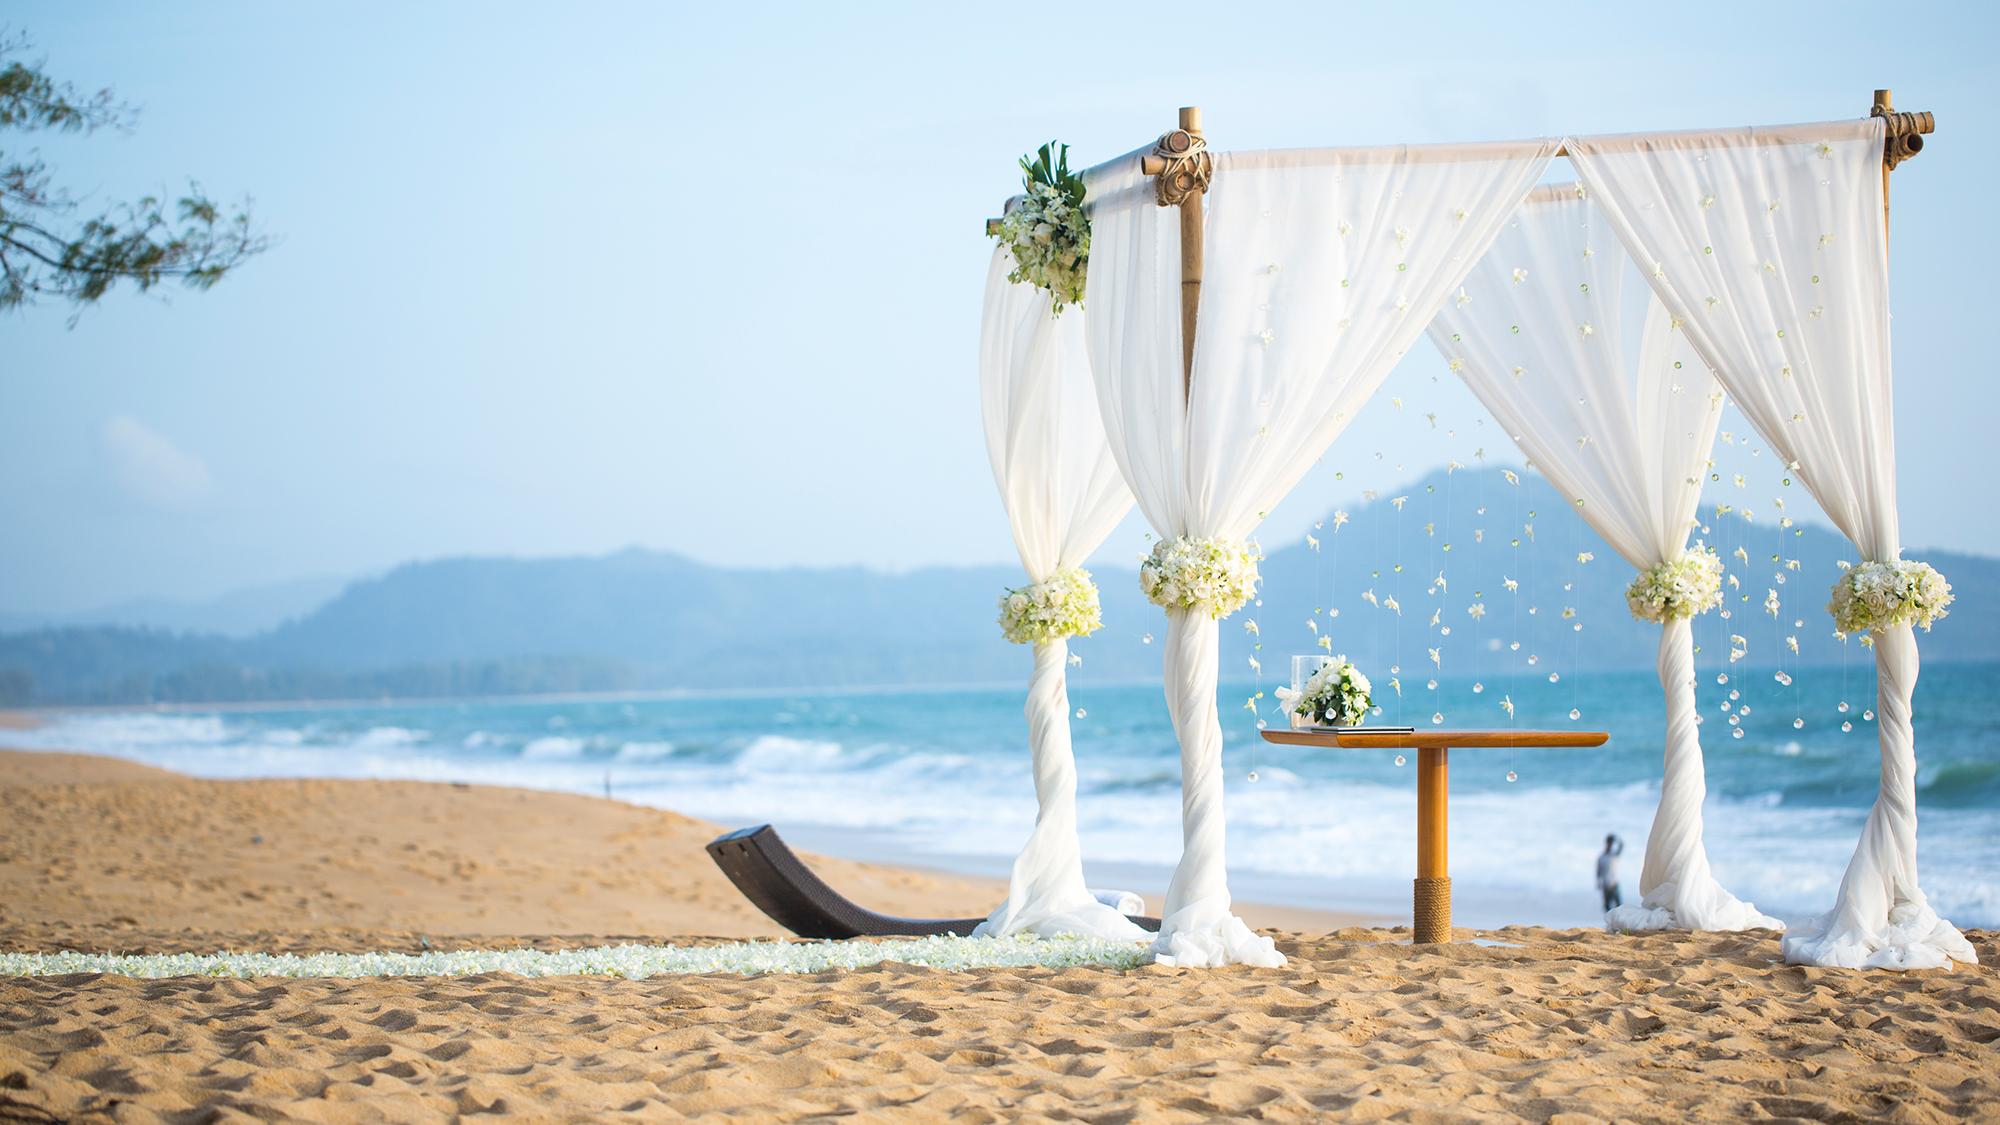 Hochzeit am strand berlin